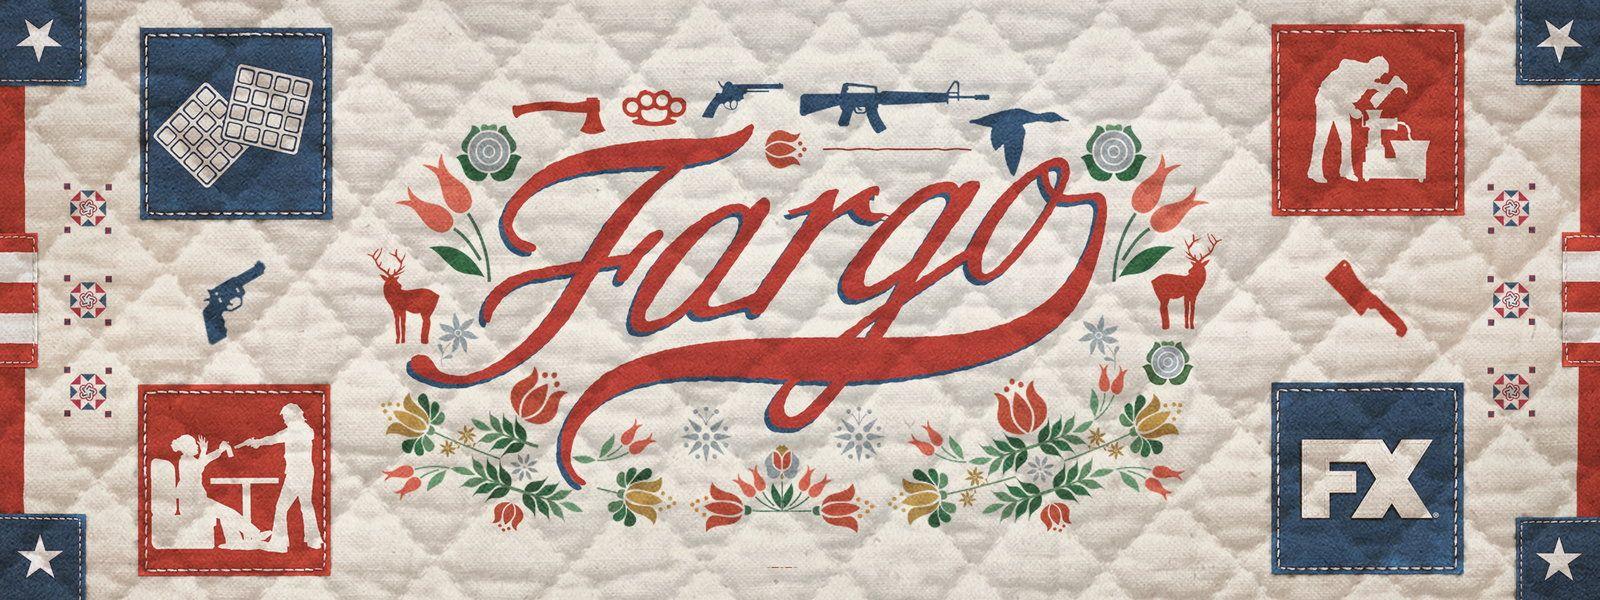 Fargo Episodes Fargo season 2, Fargo tv show, Fear and